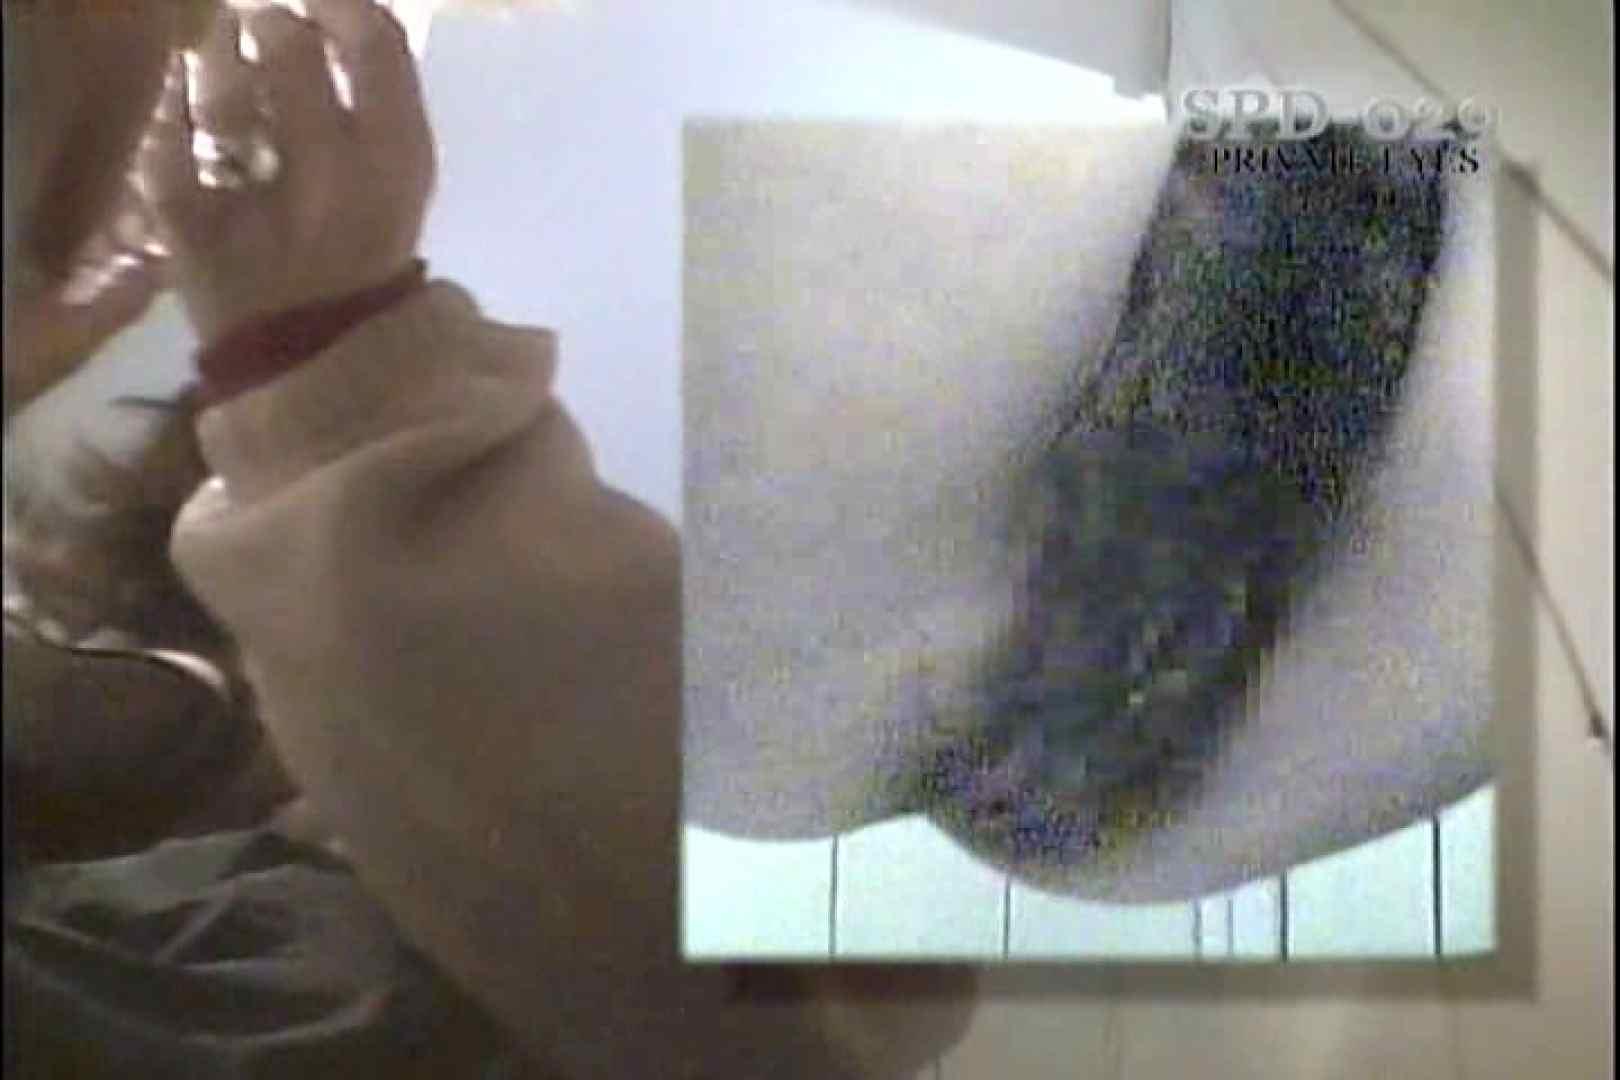 高画質版!SPD-029 和式厠 モリモリスペシャル 和式 隠し撮りセックス画像 65連発 8